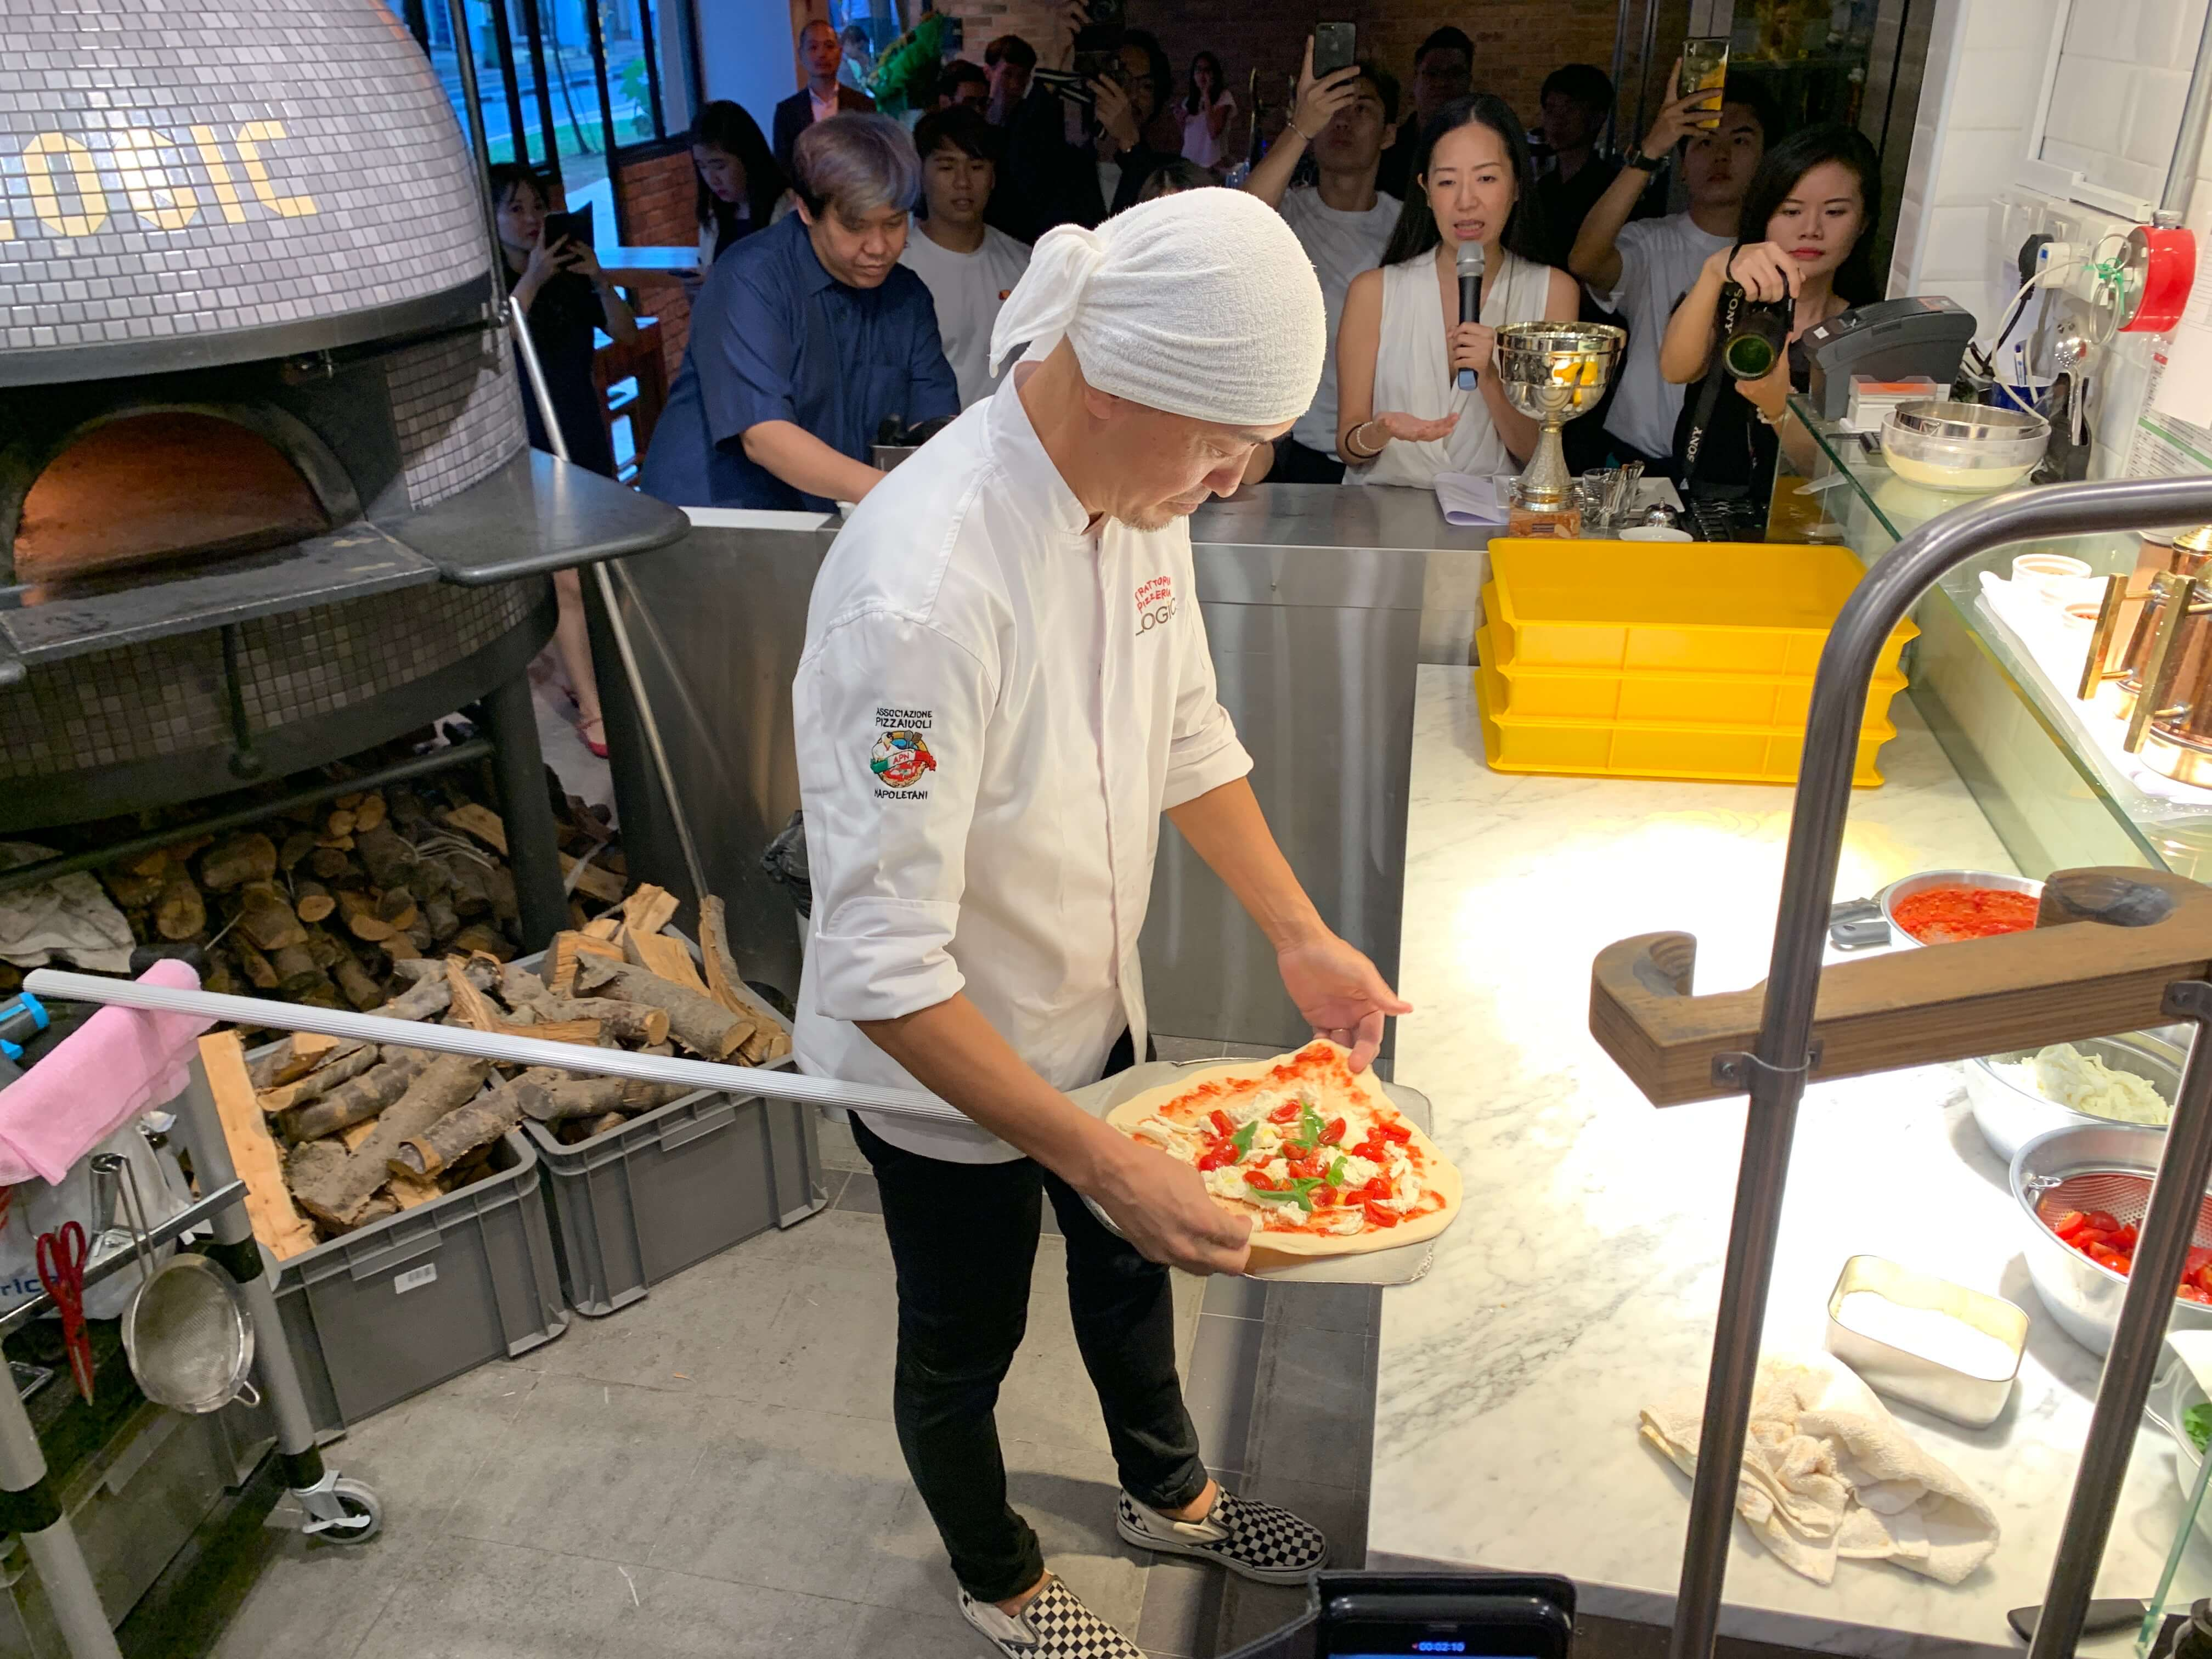 世界大会優勝ピザ職人が来星!【Trattoria Pizzeria LOGIC / トラットリア ピザリア ロジック】@クレイグロード